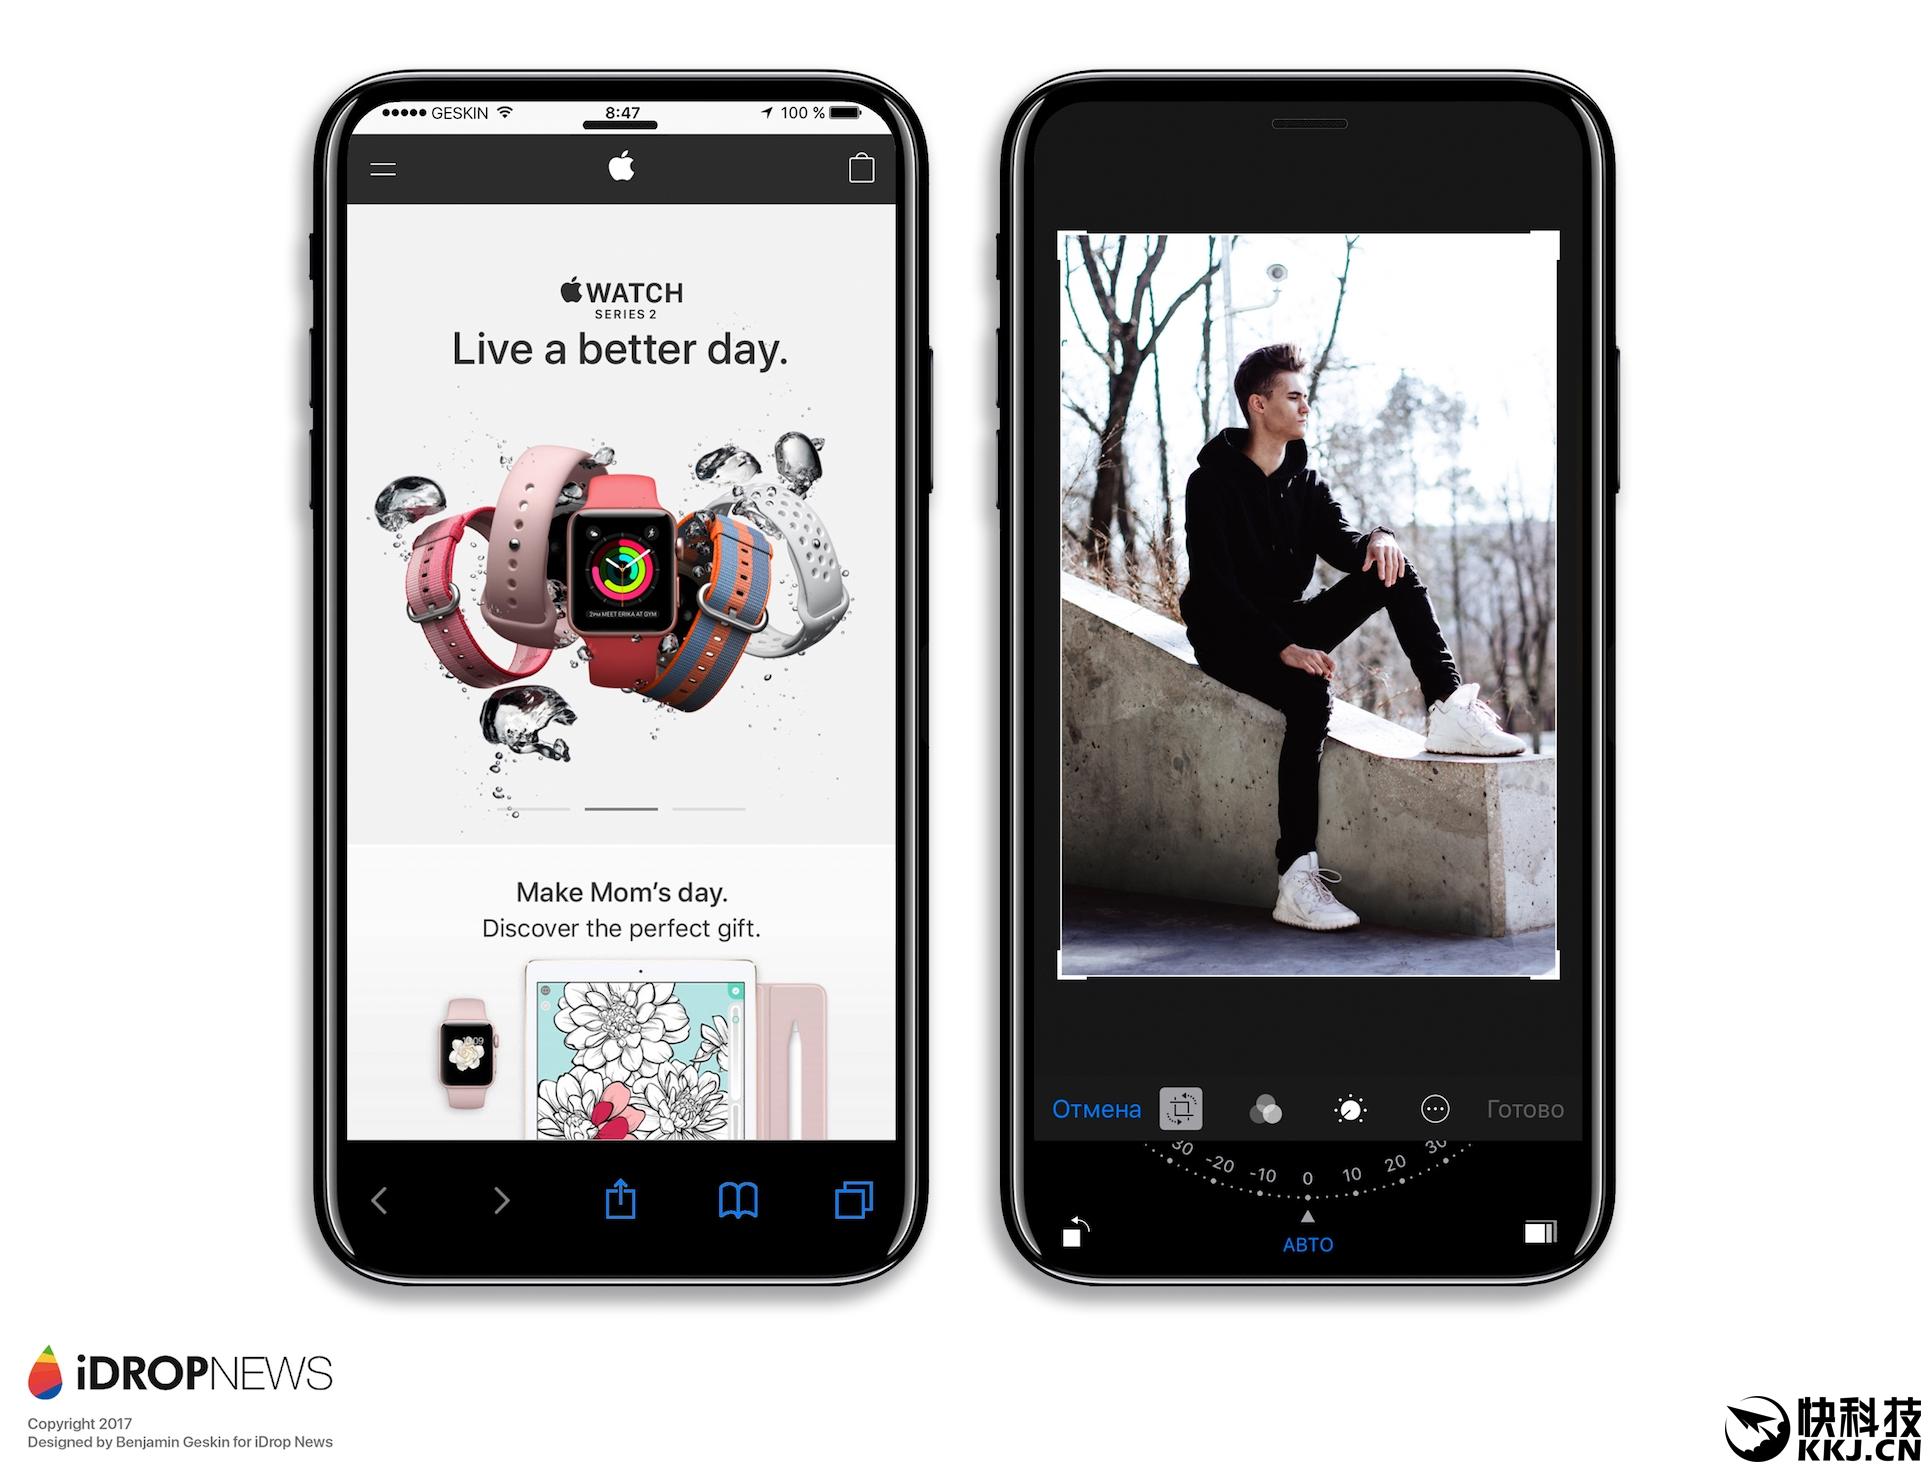 现在,有国外用户曝光了iPhone 8 CAD设计图,并且强调所有的数据都是来自富士康内幕,跟苹果最终版完全吻合。 仔细分析后你会发现,这个所谓的iPhone 8 CAD设计图跟之前曝光的消息基本一致,机身正面看不到Home键,当然背部也没有开孔,其次双摄像头是竖排,且微微凸起。 此外,还有一个细节,那就是iPhone 8的电源按键变长了很多,依然提供静音按键,整机看起来很圆润,当然机身也比较纤薄。   有意思的是,外媒iDROP也是放出了他们最新设计的iPhone 8效果图,这都是建立在目前新机靠谱的传